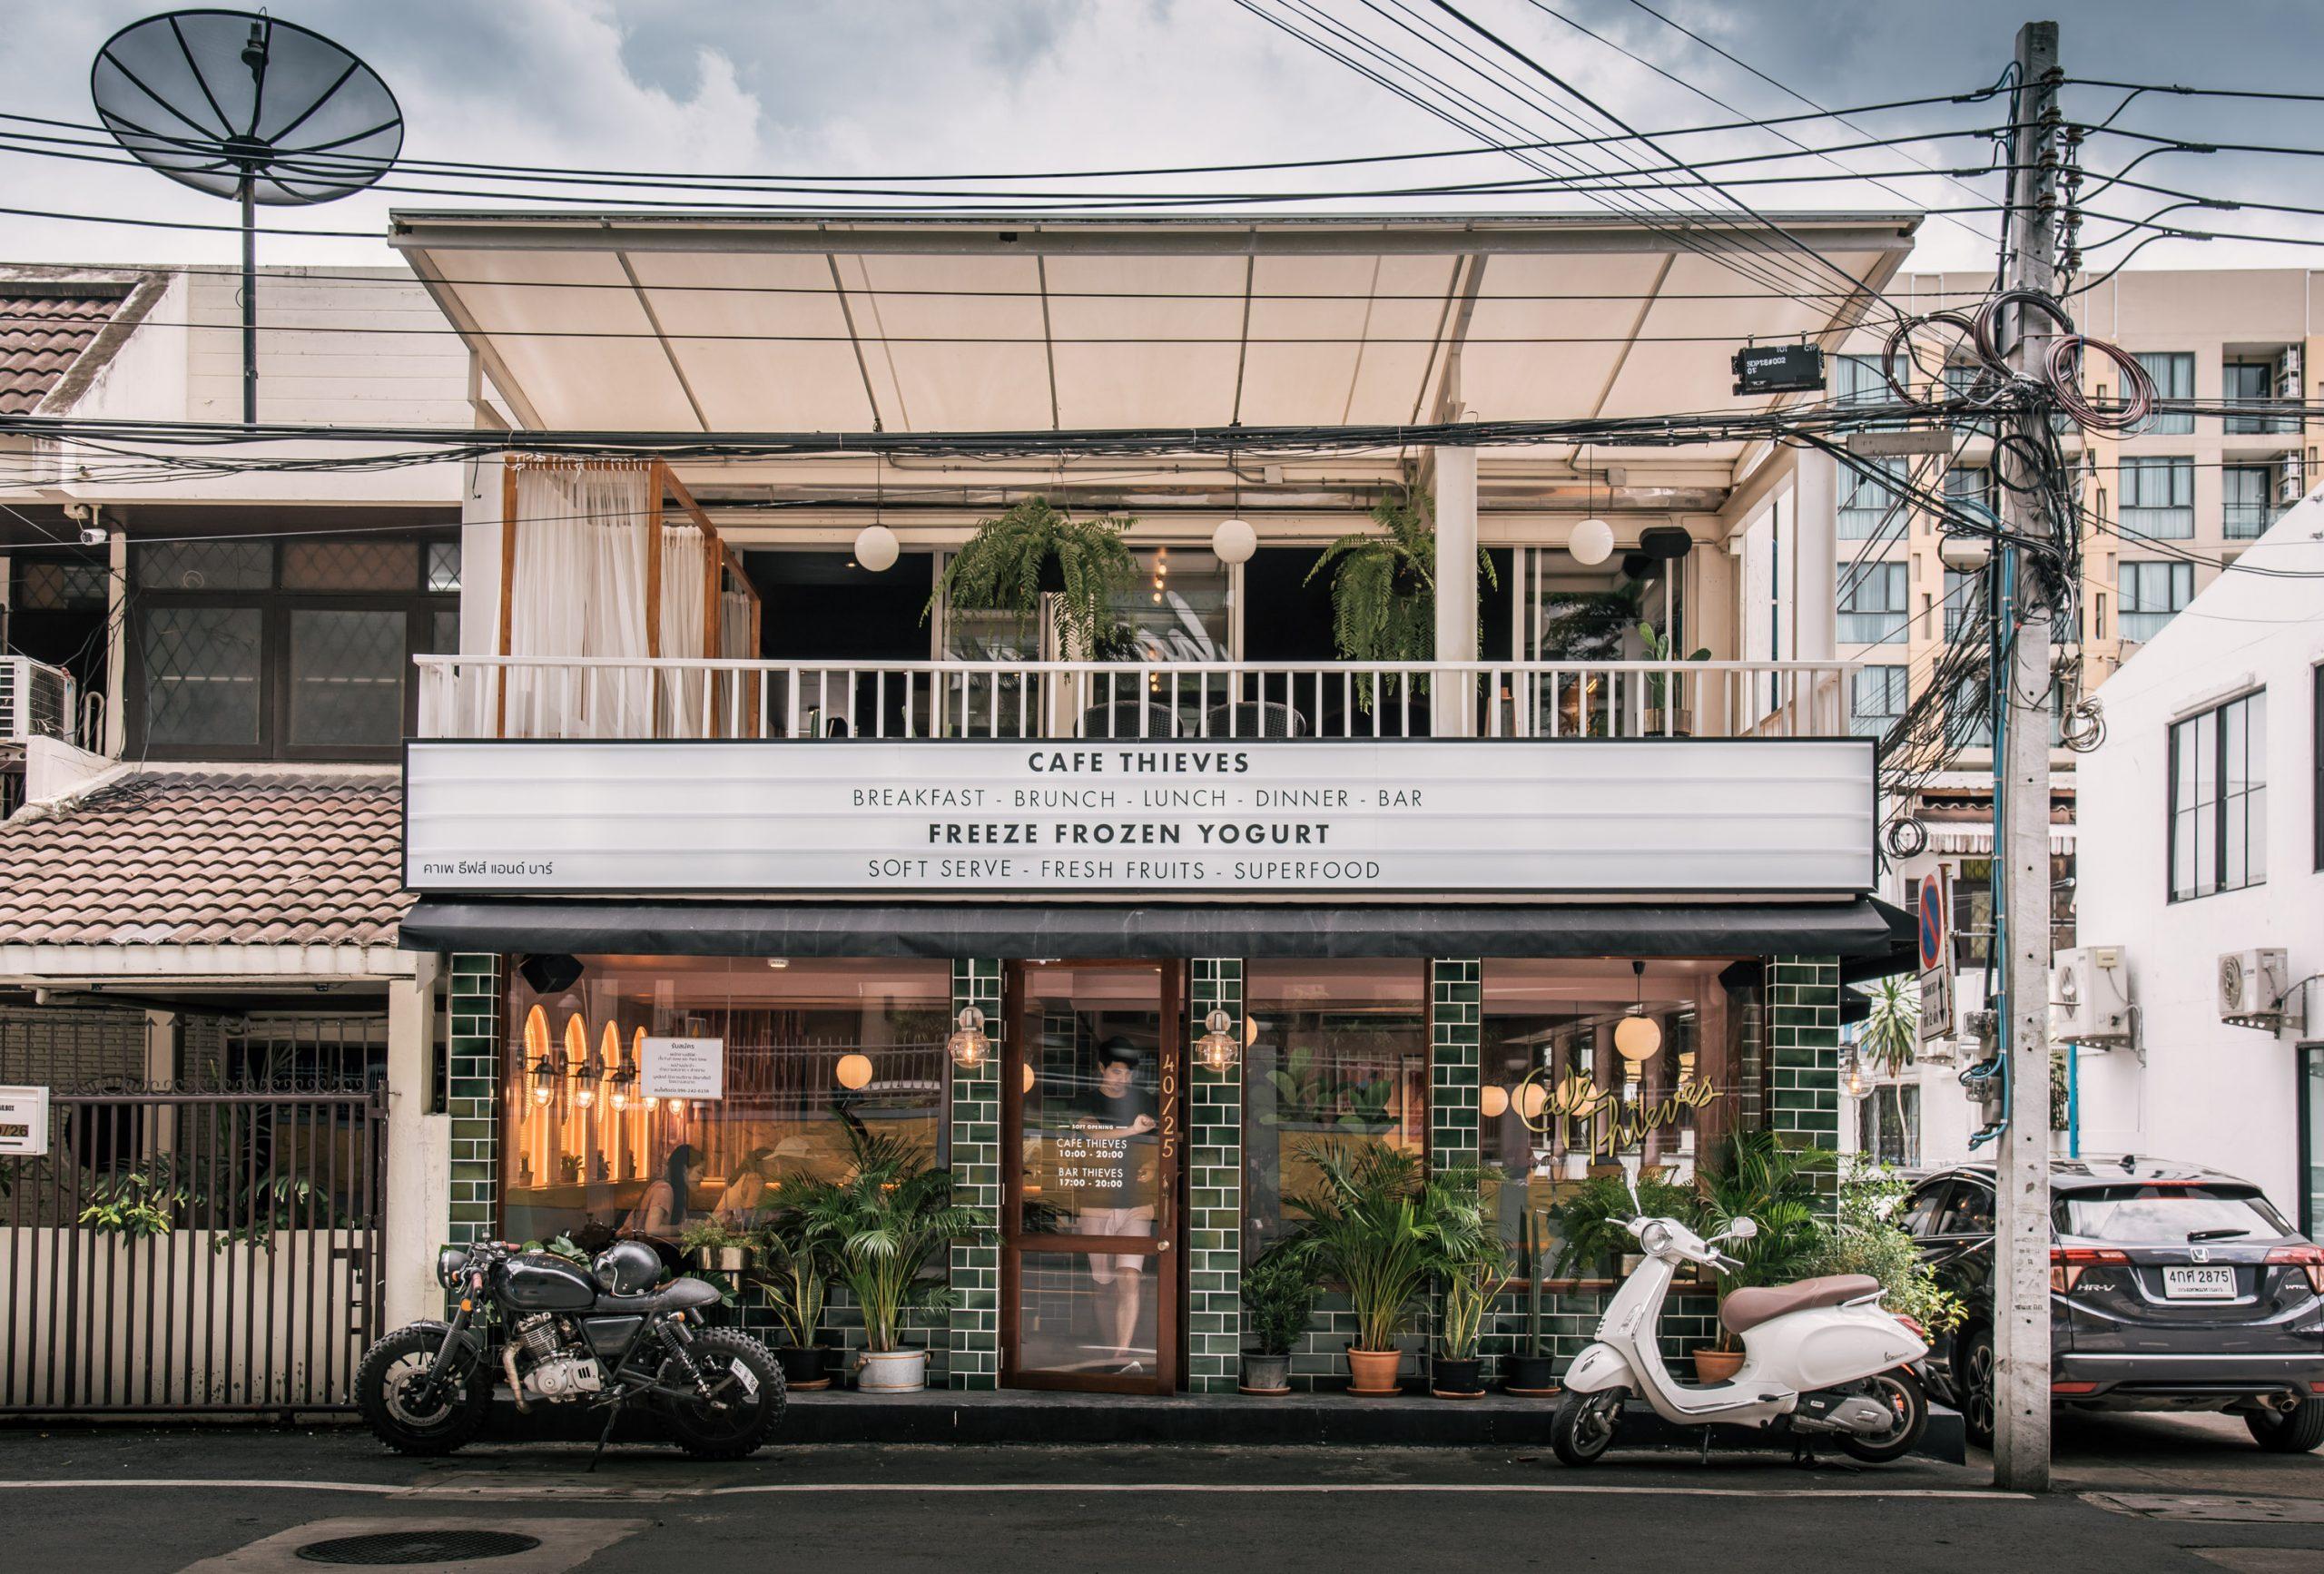 เต็มอิ่มสารพัดเมนู ด้วยบริการ Order Food Online From Cafe Thieves & Bar